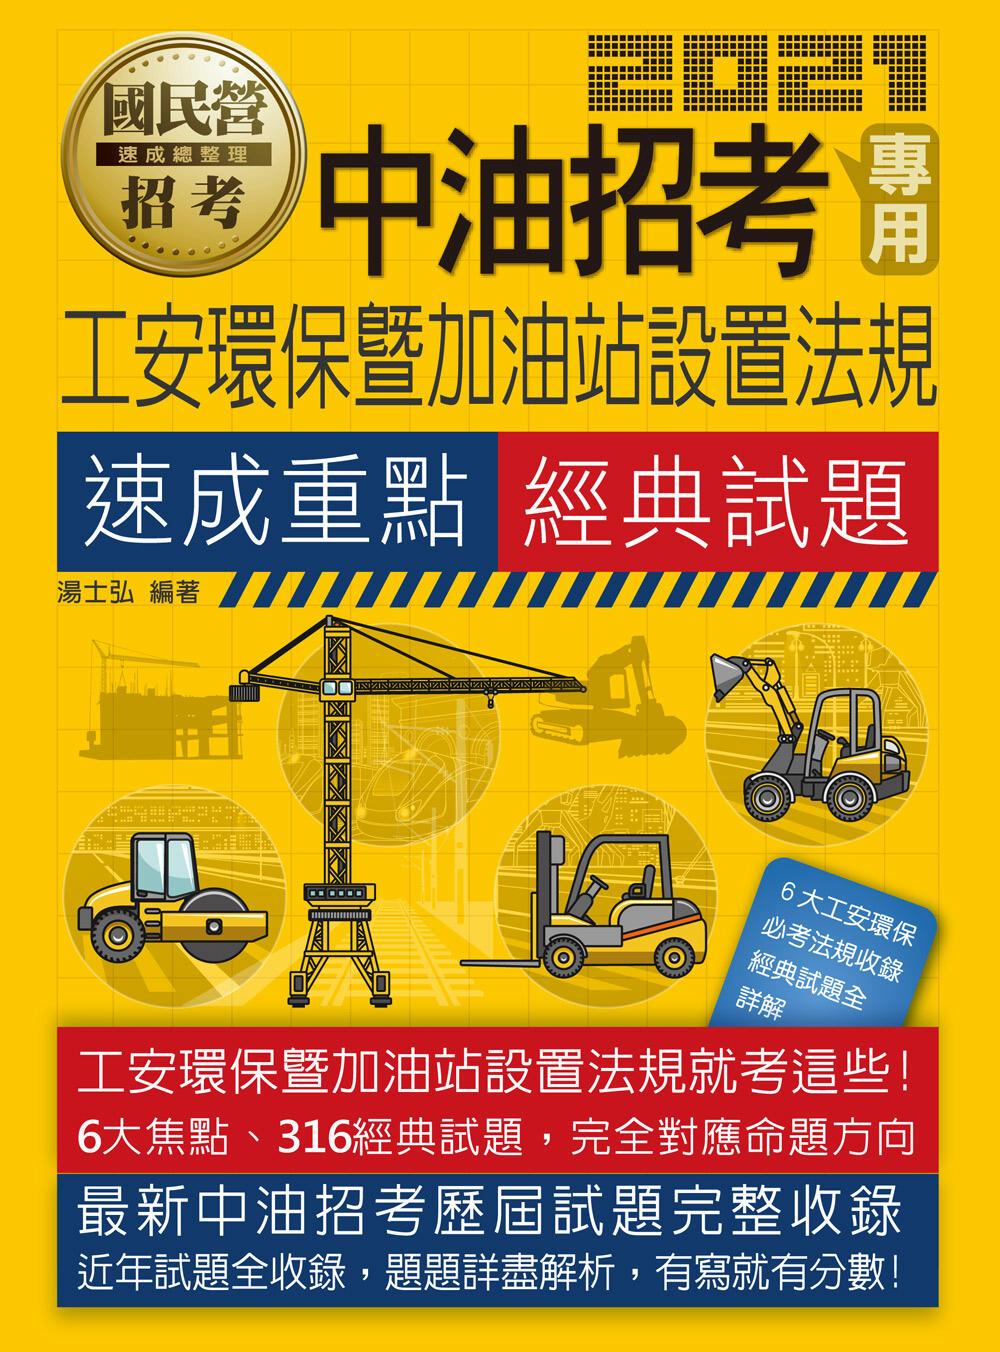 工安環保暨加油站設置法規【中油...